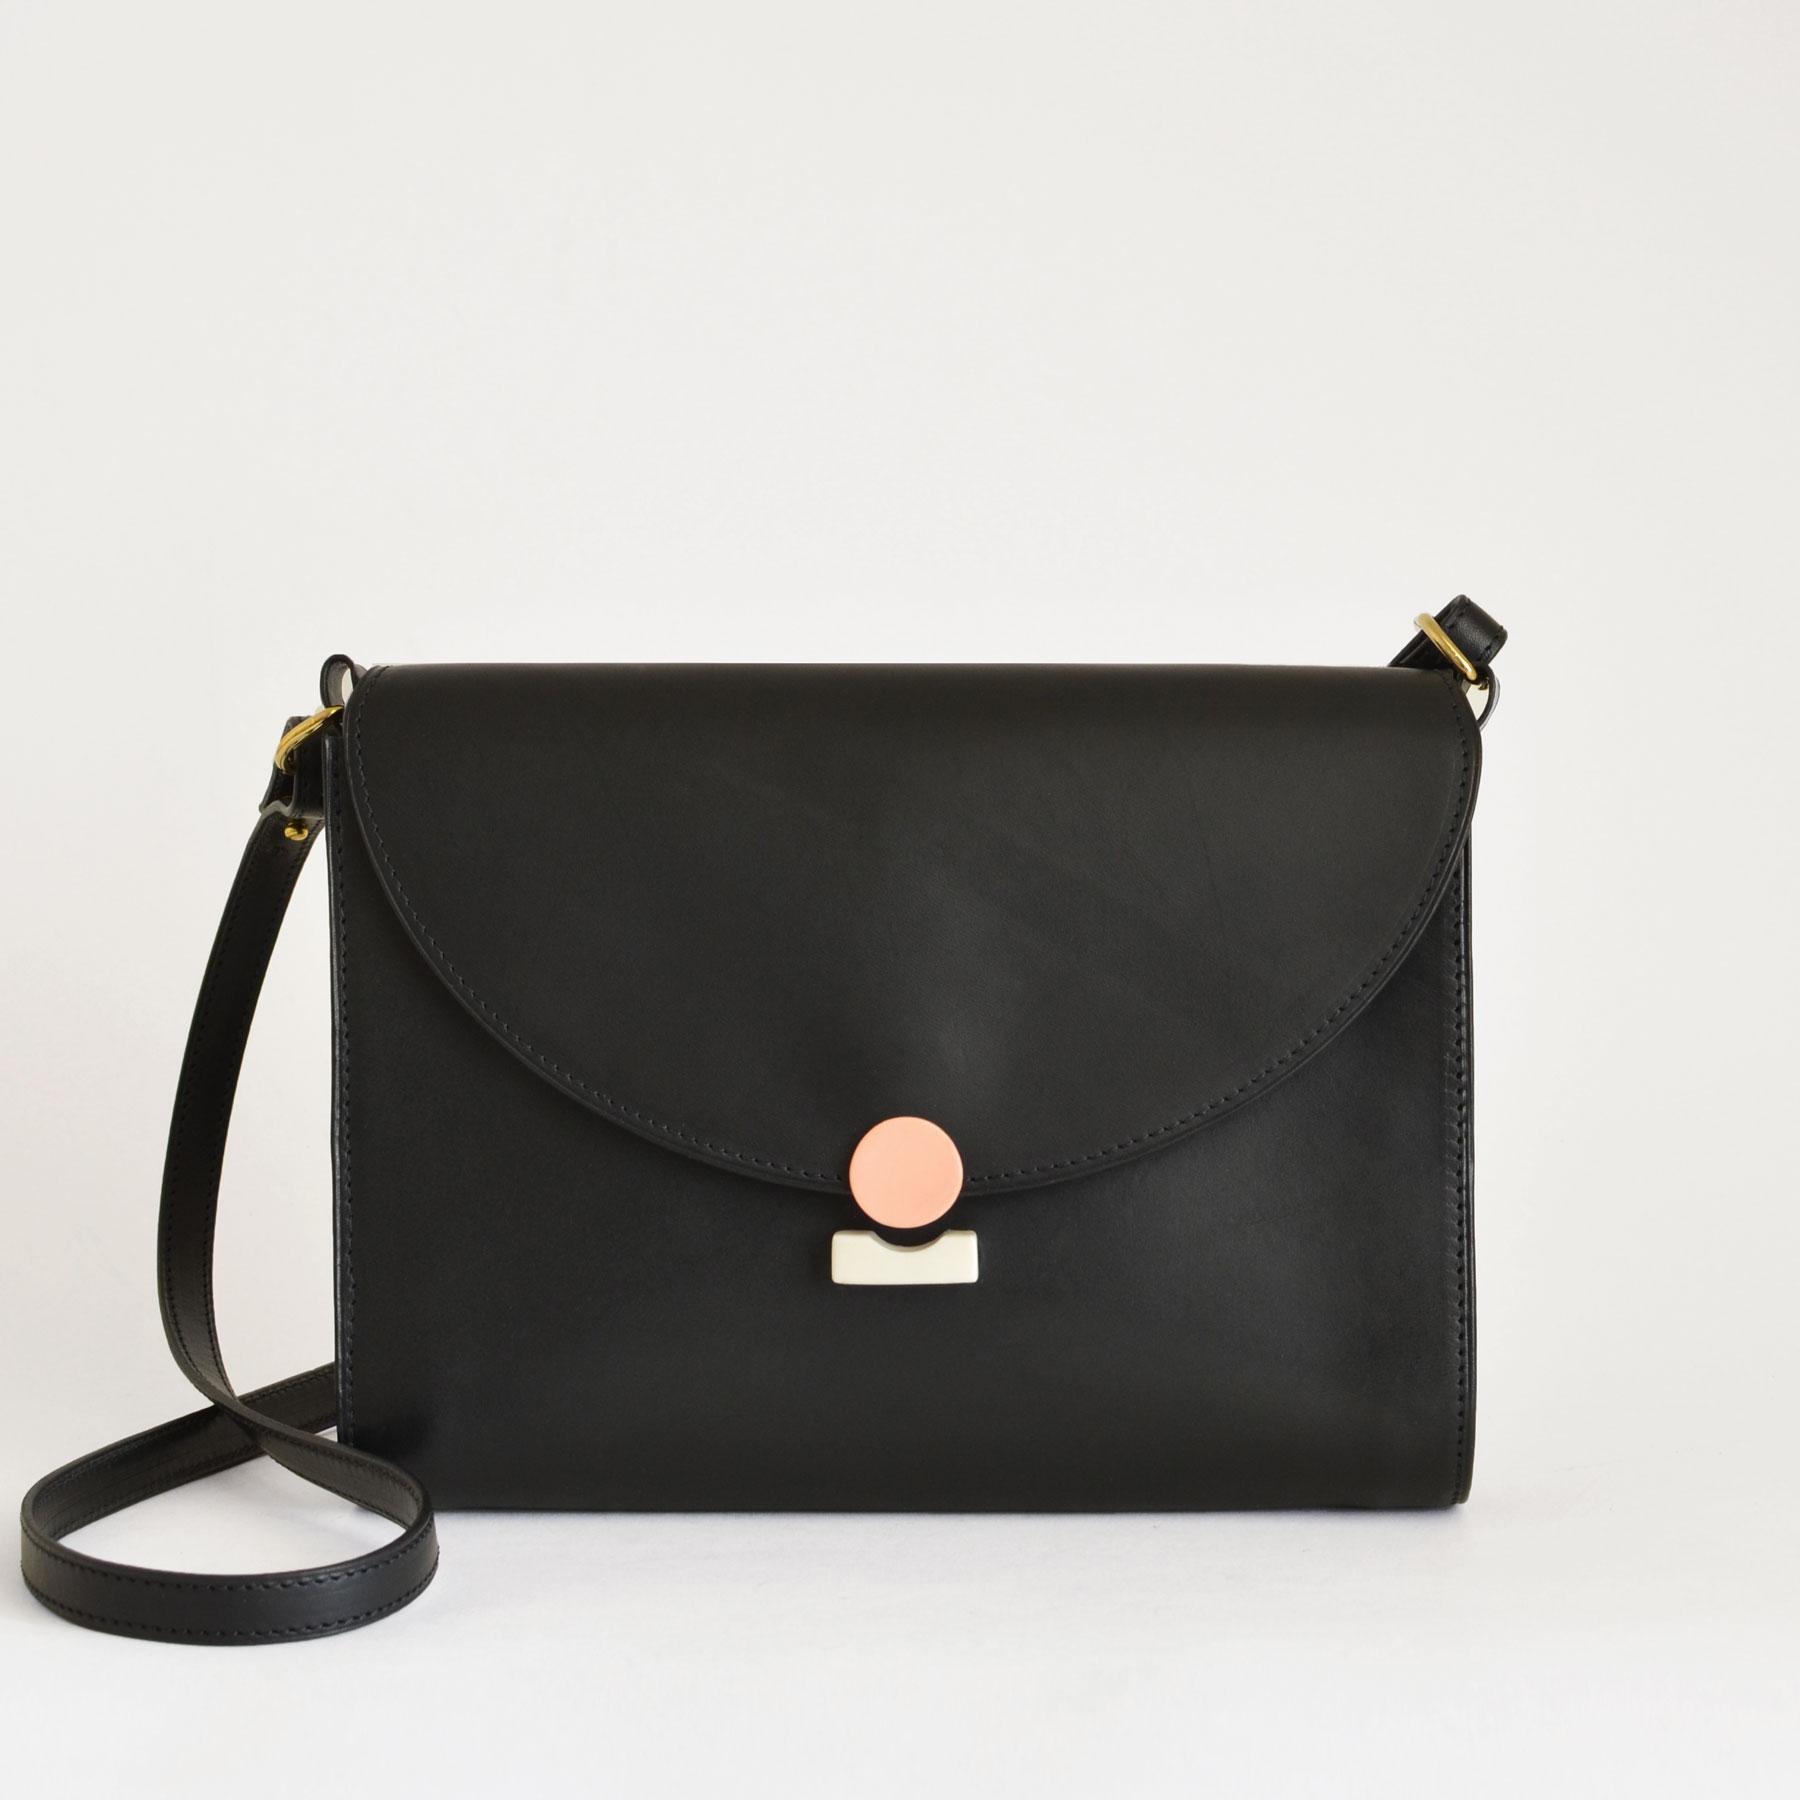 détaillant f1541 e31b2 Mini-sac Hélios noir